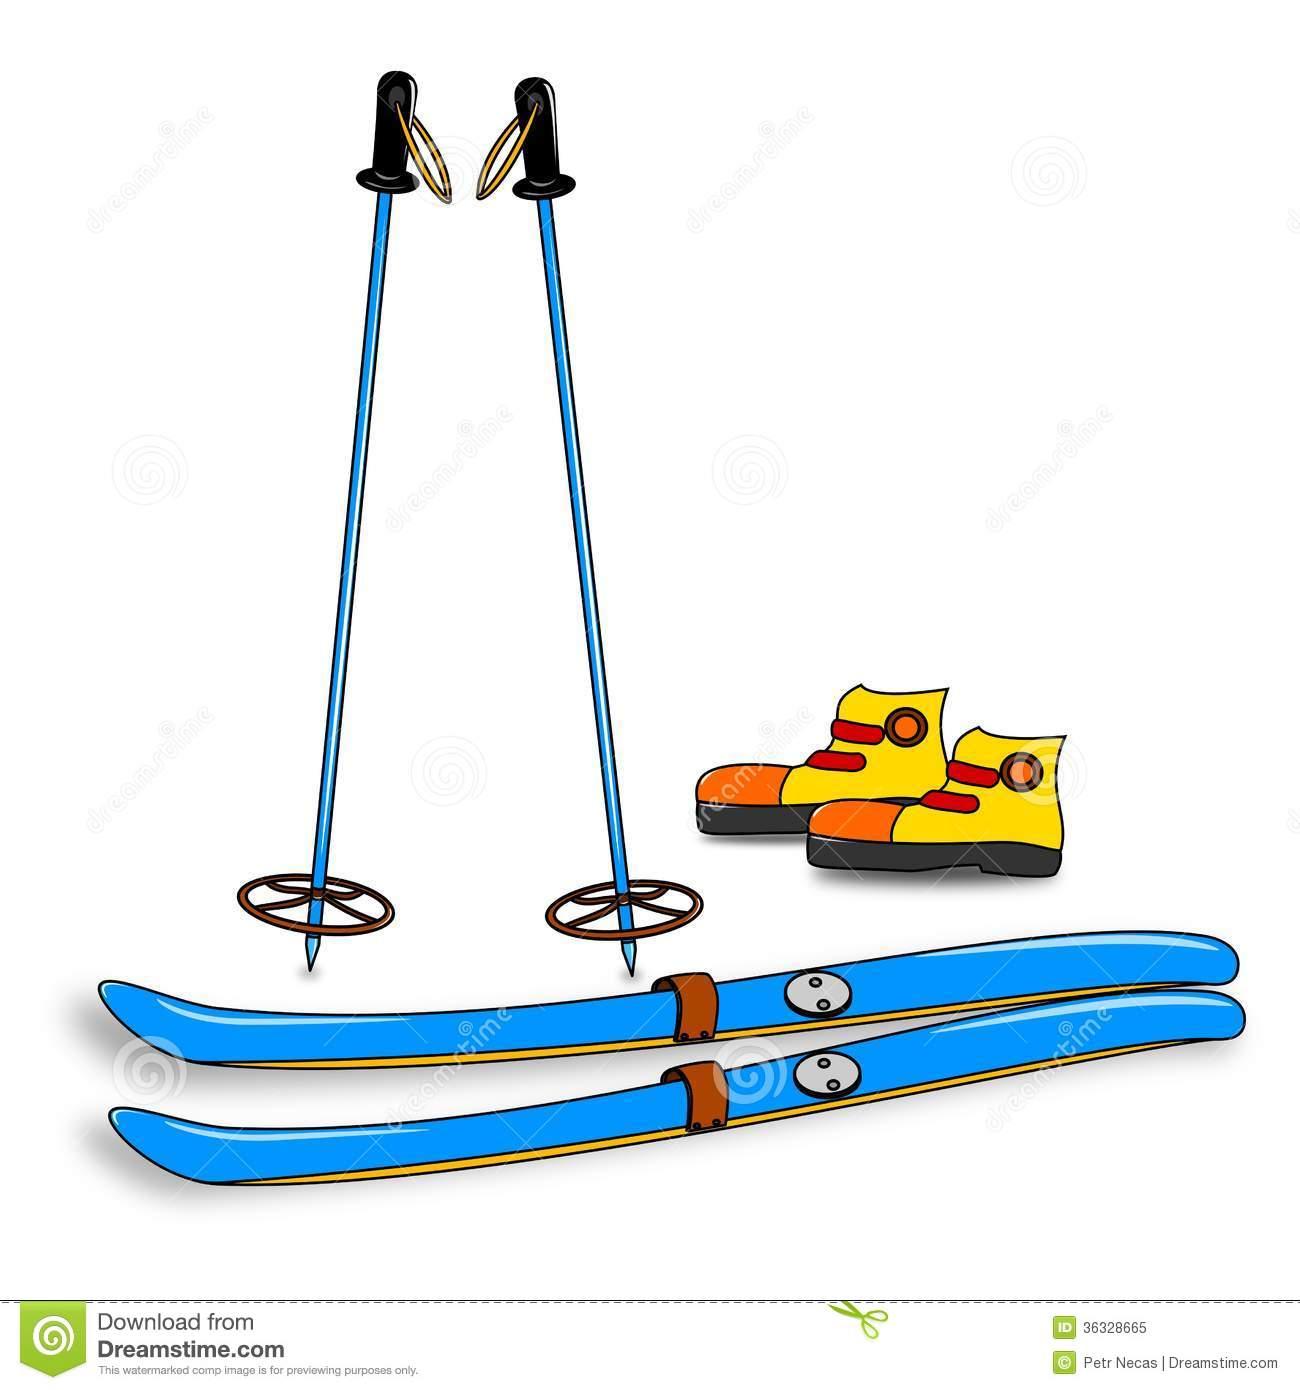 Ski tour equipment clipart